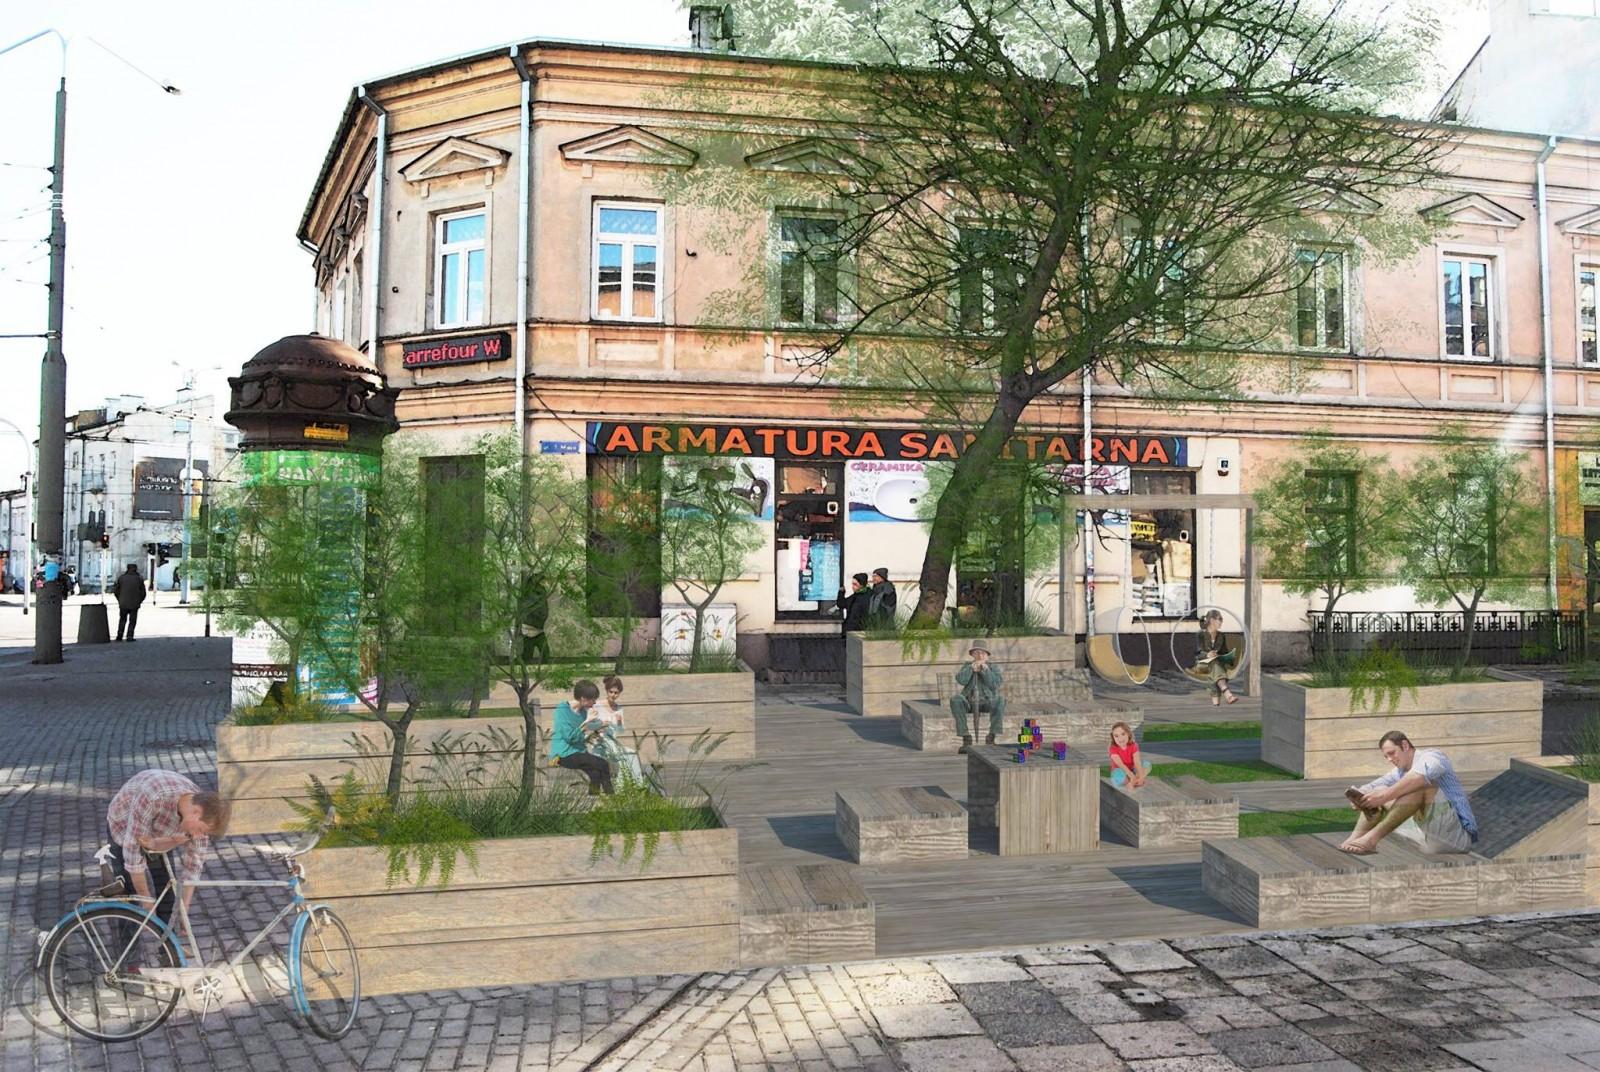 Wizualizacja woonerfu na ulicy 1 maja w Lublinie przedstawiona do konsultacji, autorzy: Emilia Chęć i Katarzyna Szczypior